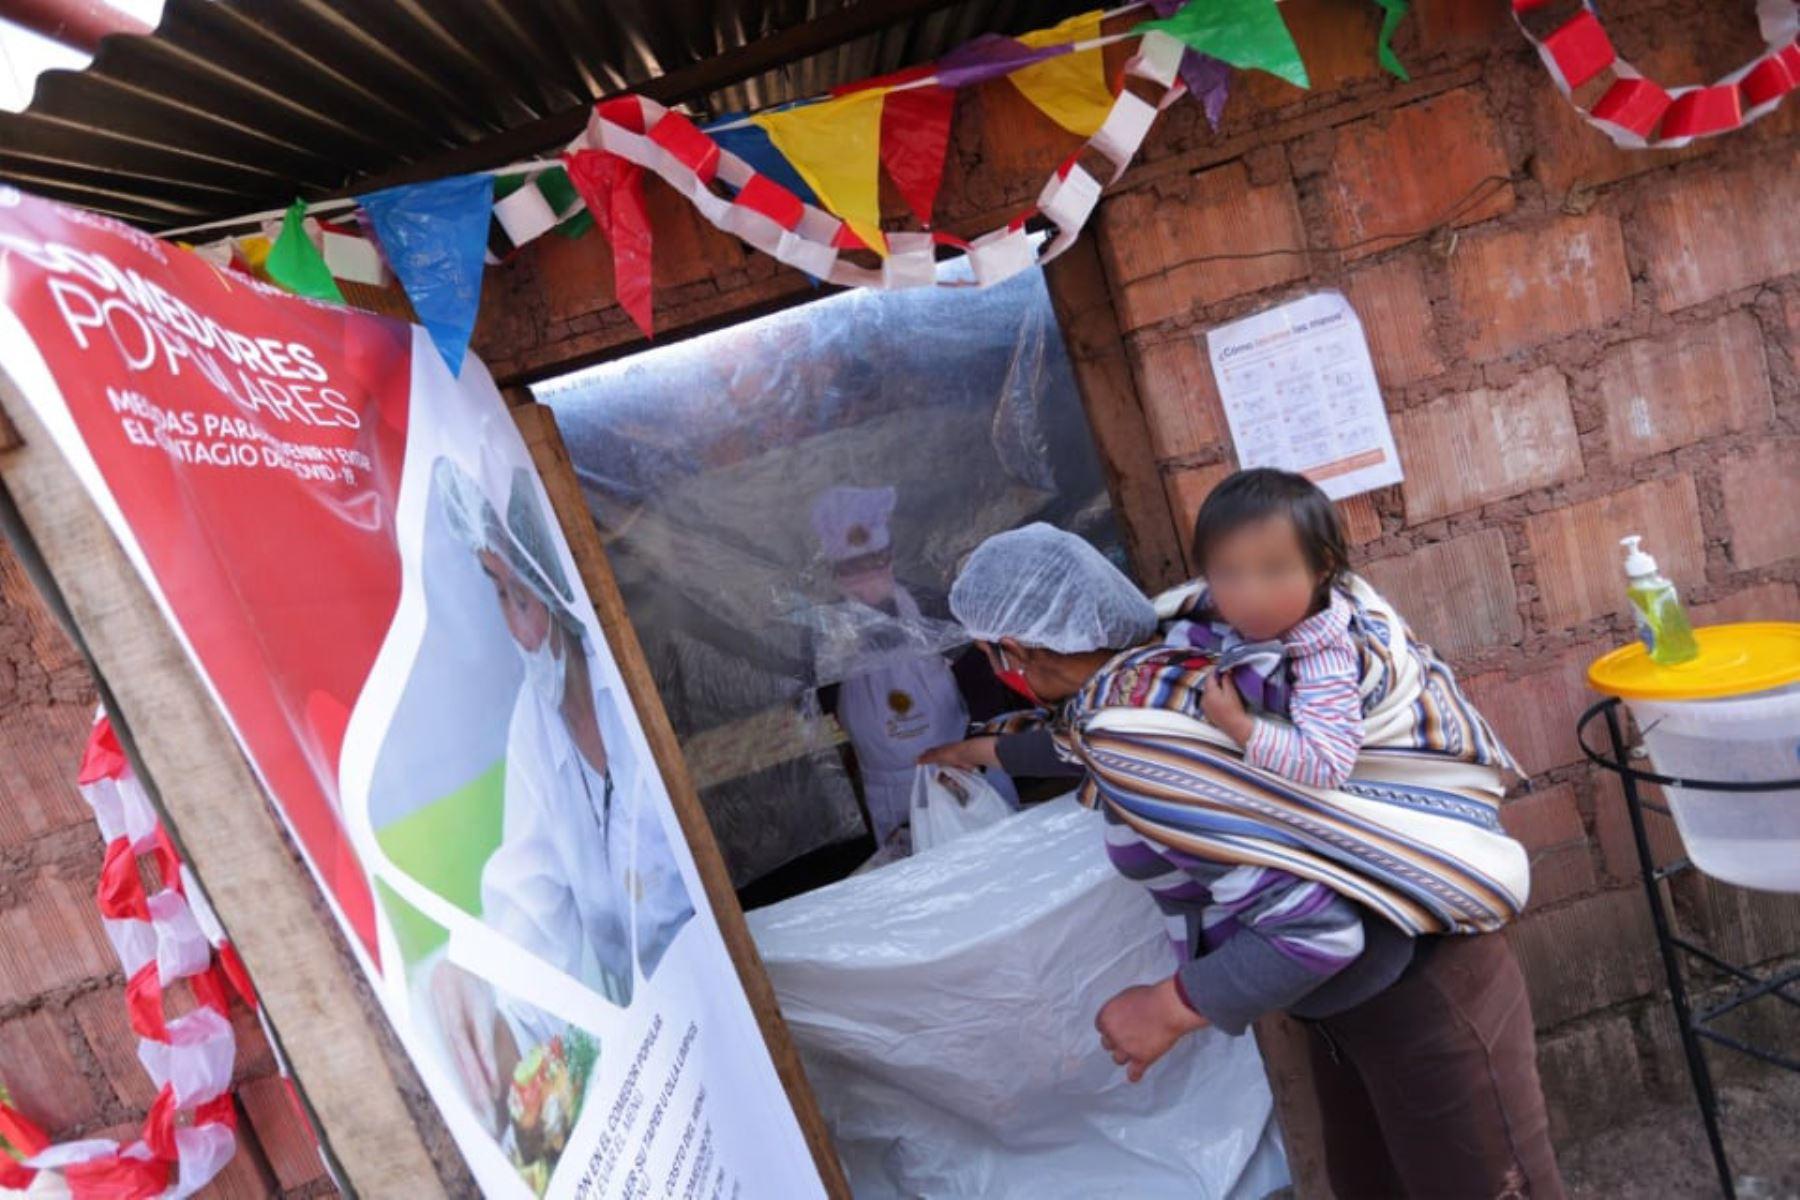 El alcalde provincial de Cusco, Ricardo Valderrama, informó que se reanudó el servicio de 12 comedores populares. ANDINA/Percy Hurtado Santillán